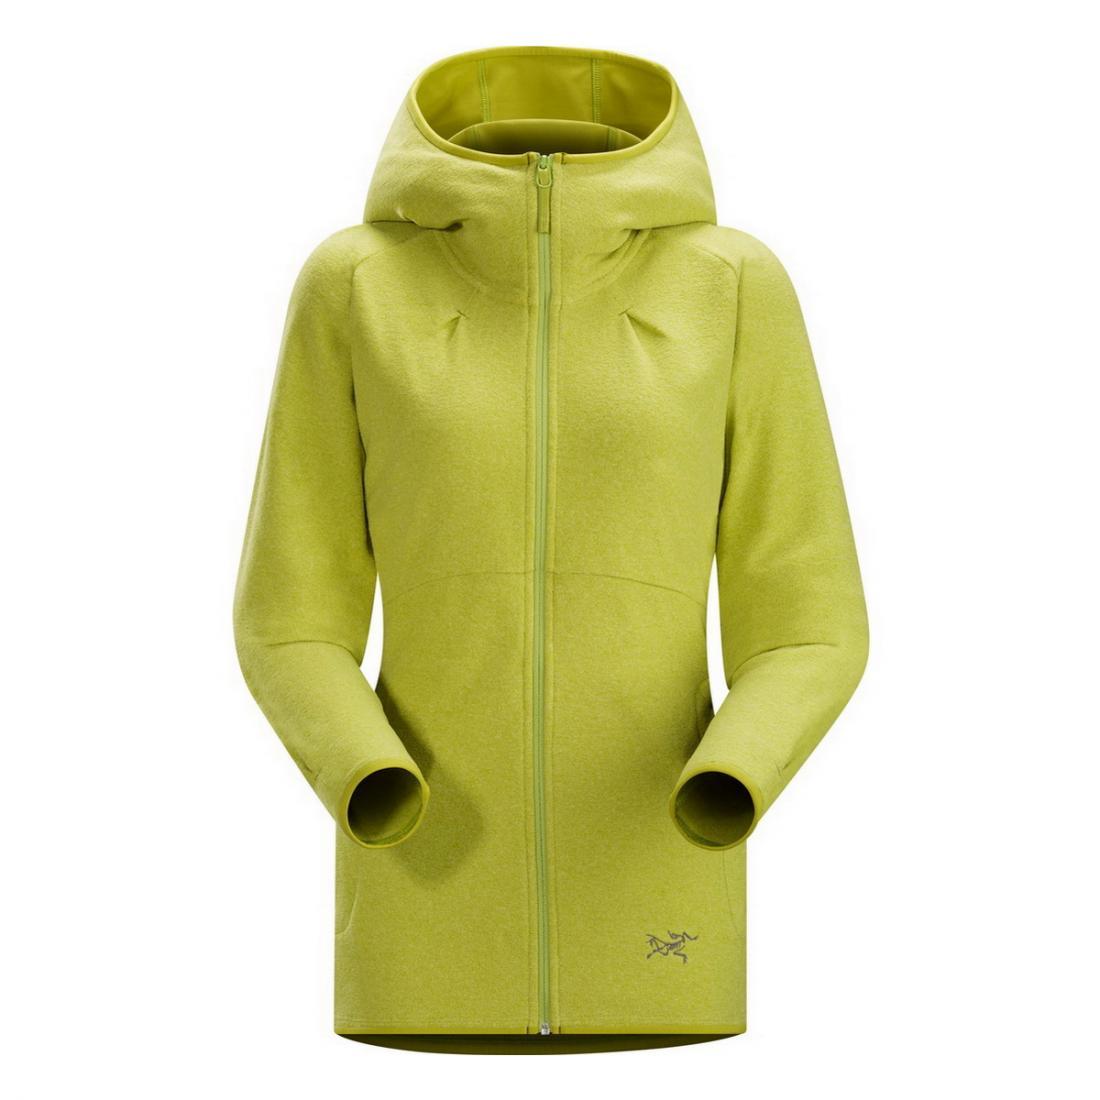 Куртка Caliber Hoody жен.Куртки<br><br><br><br> Заниматься спортом в куртке Caliber Hoody Womens удобно, тепло и практично. Это женская модель от компании Arcteryx для прохладной погоды. Удли...<br><br>Цвет: Салатовый<br>Размер: M